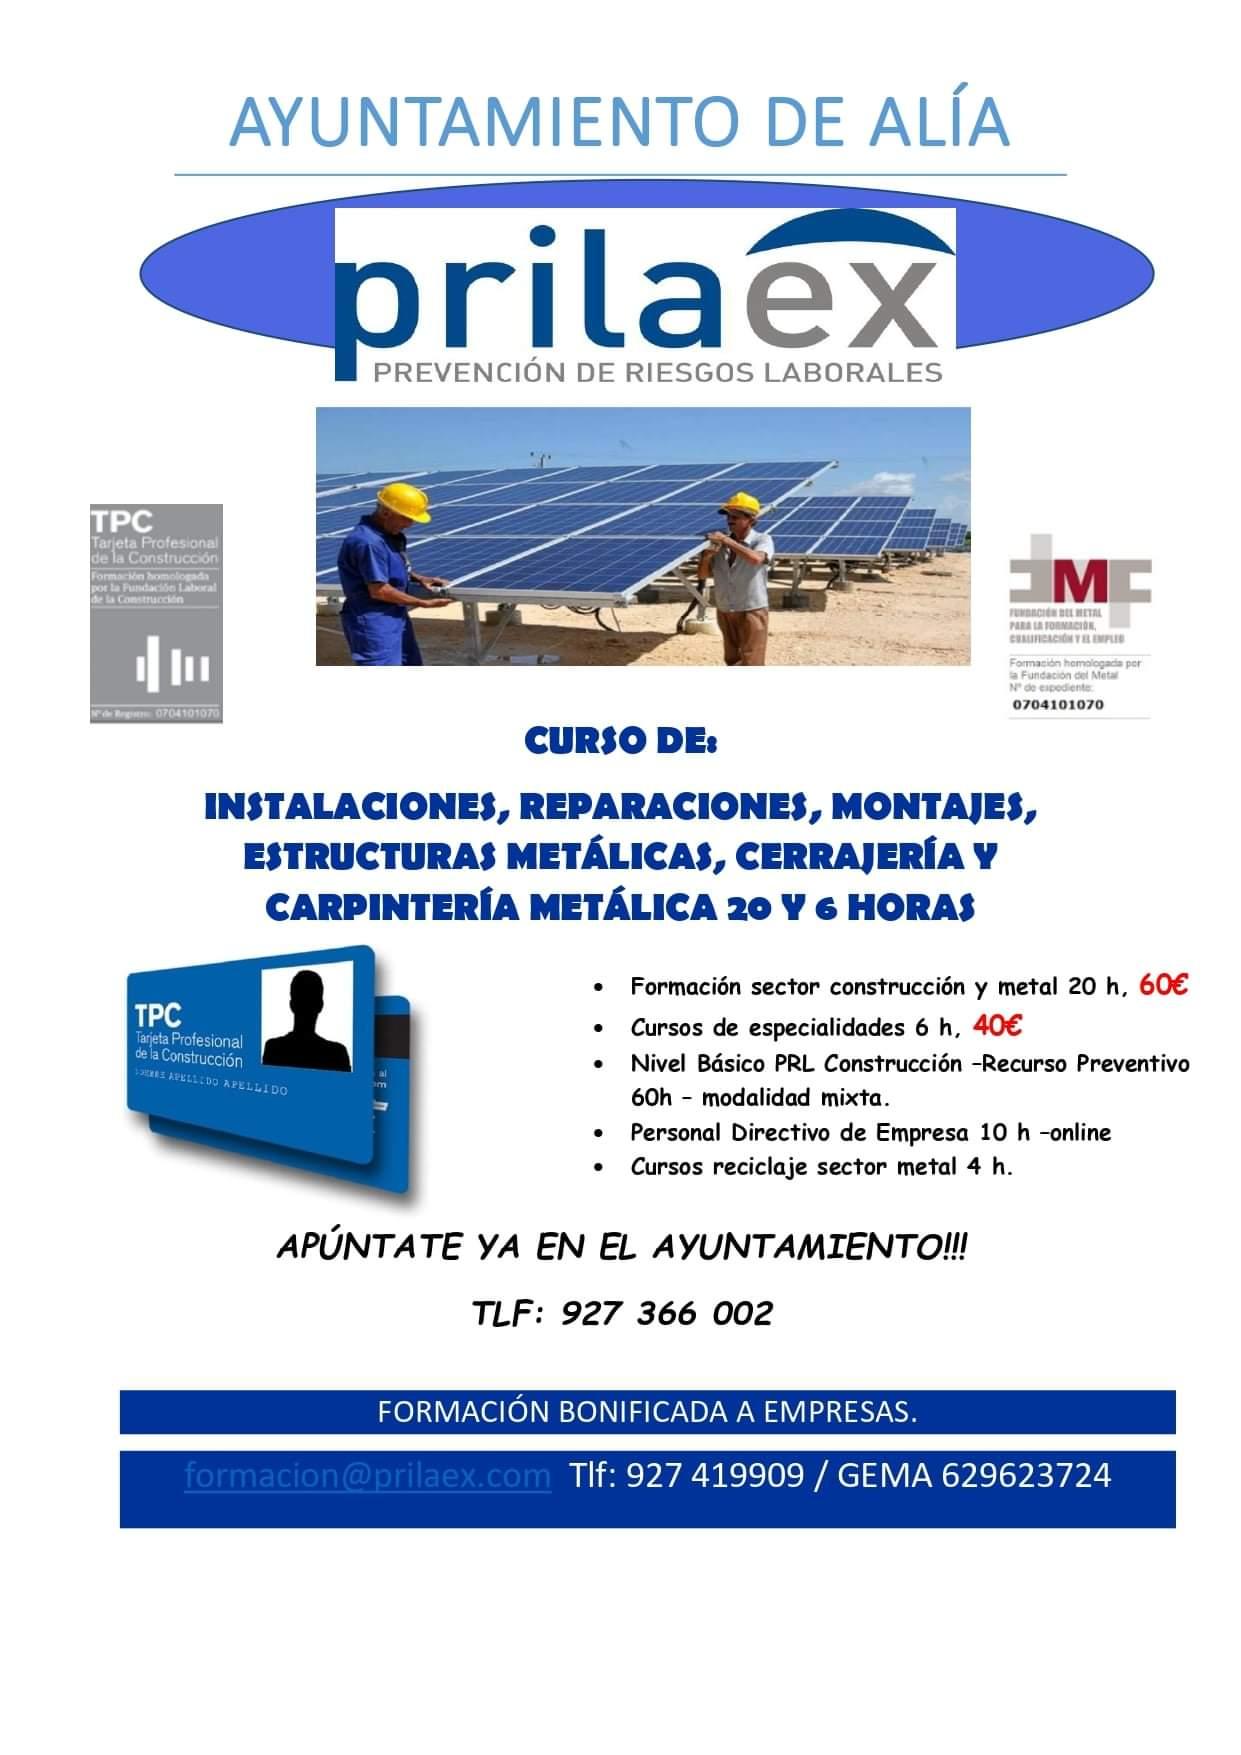 Curso de instalaciones, reparaciones, montajes, estructuras metálicas, cerrajería y carpintería metálica (2021) - Alía (Cáceres)